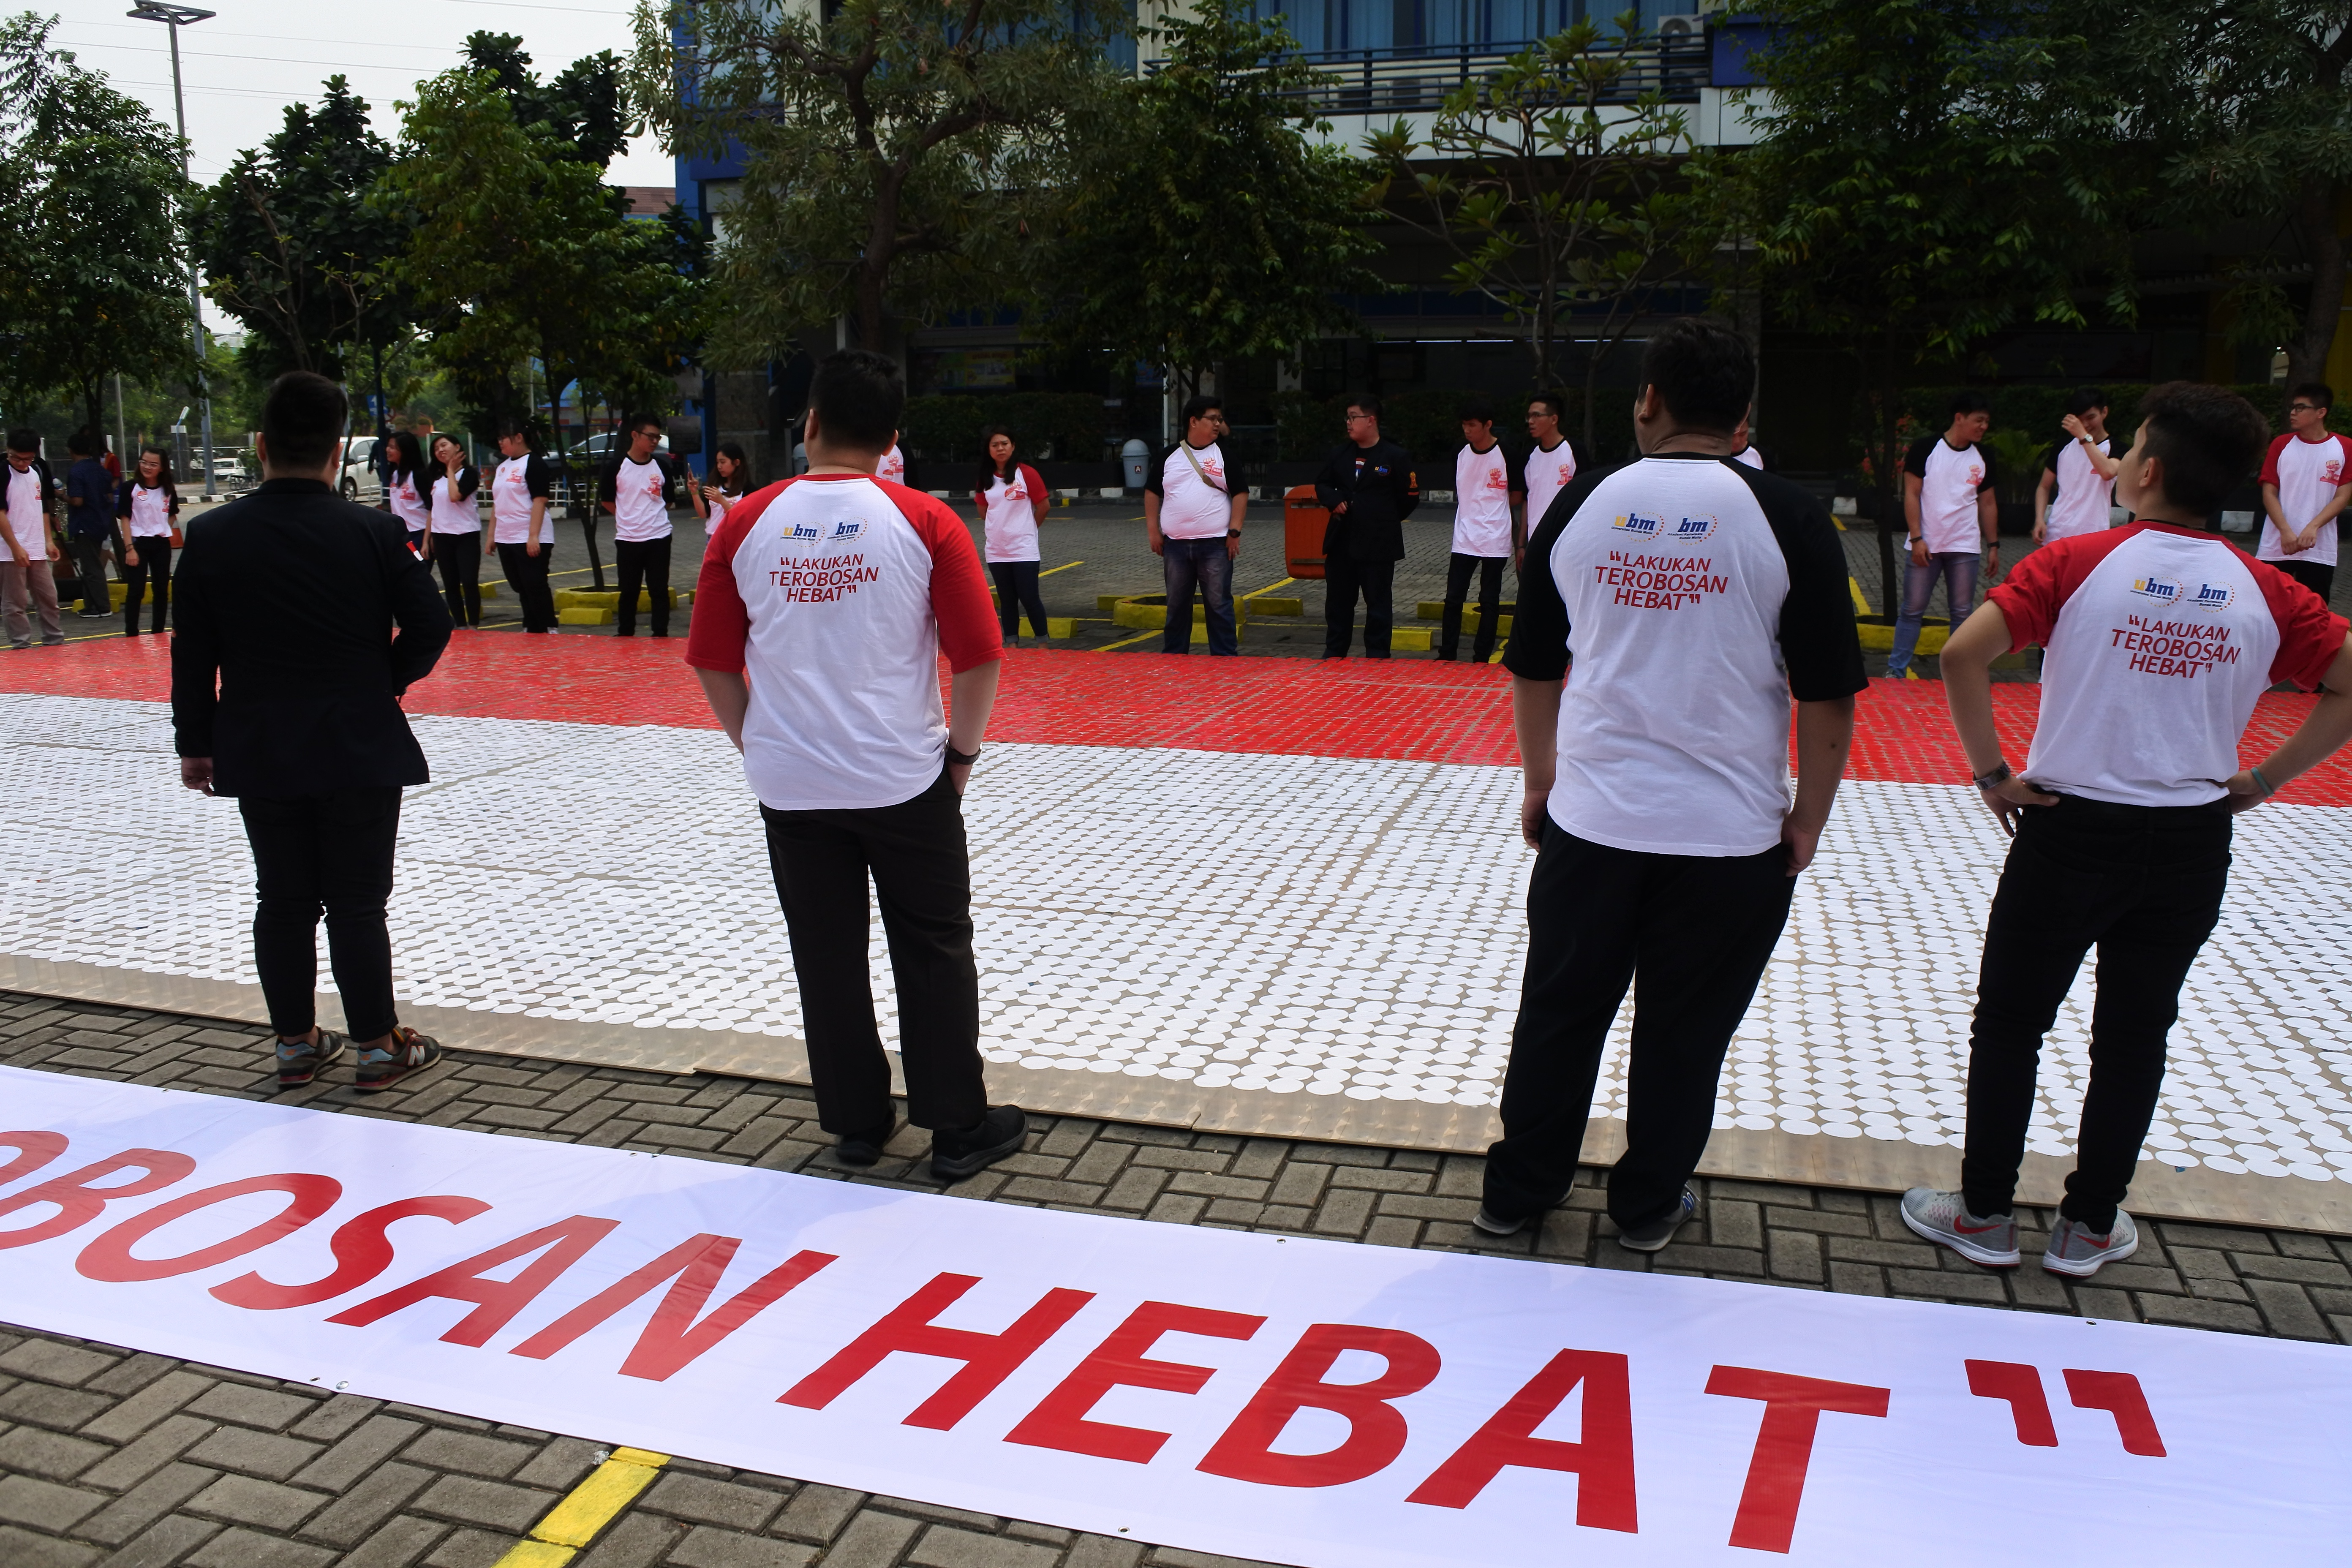 UBM Welcoming Freshmen 2017 & Pemecahan Rekor Muri : Lakukan Terobosan Hebat!